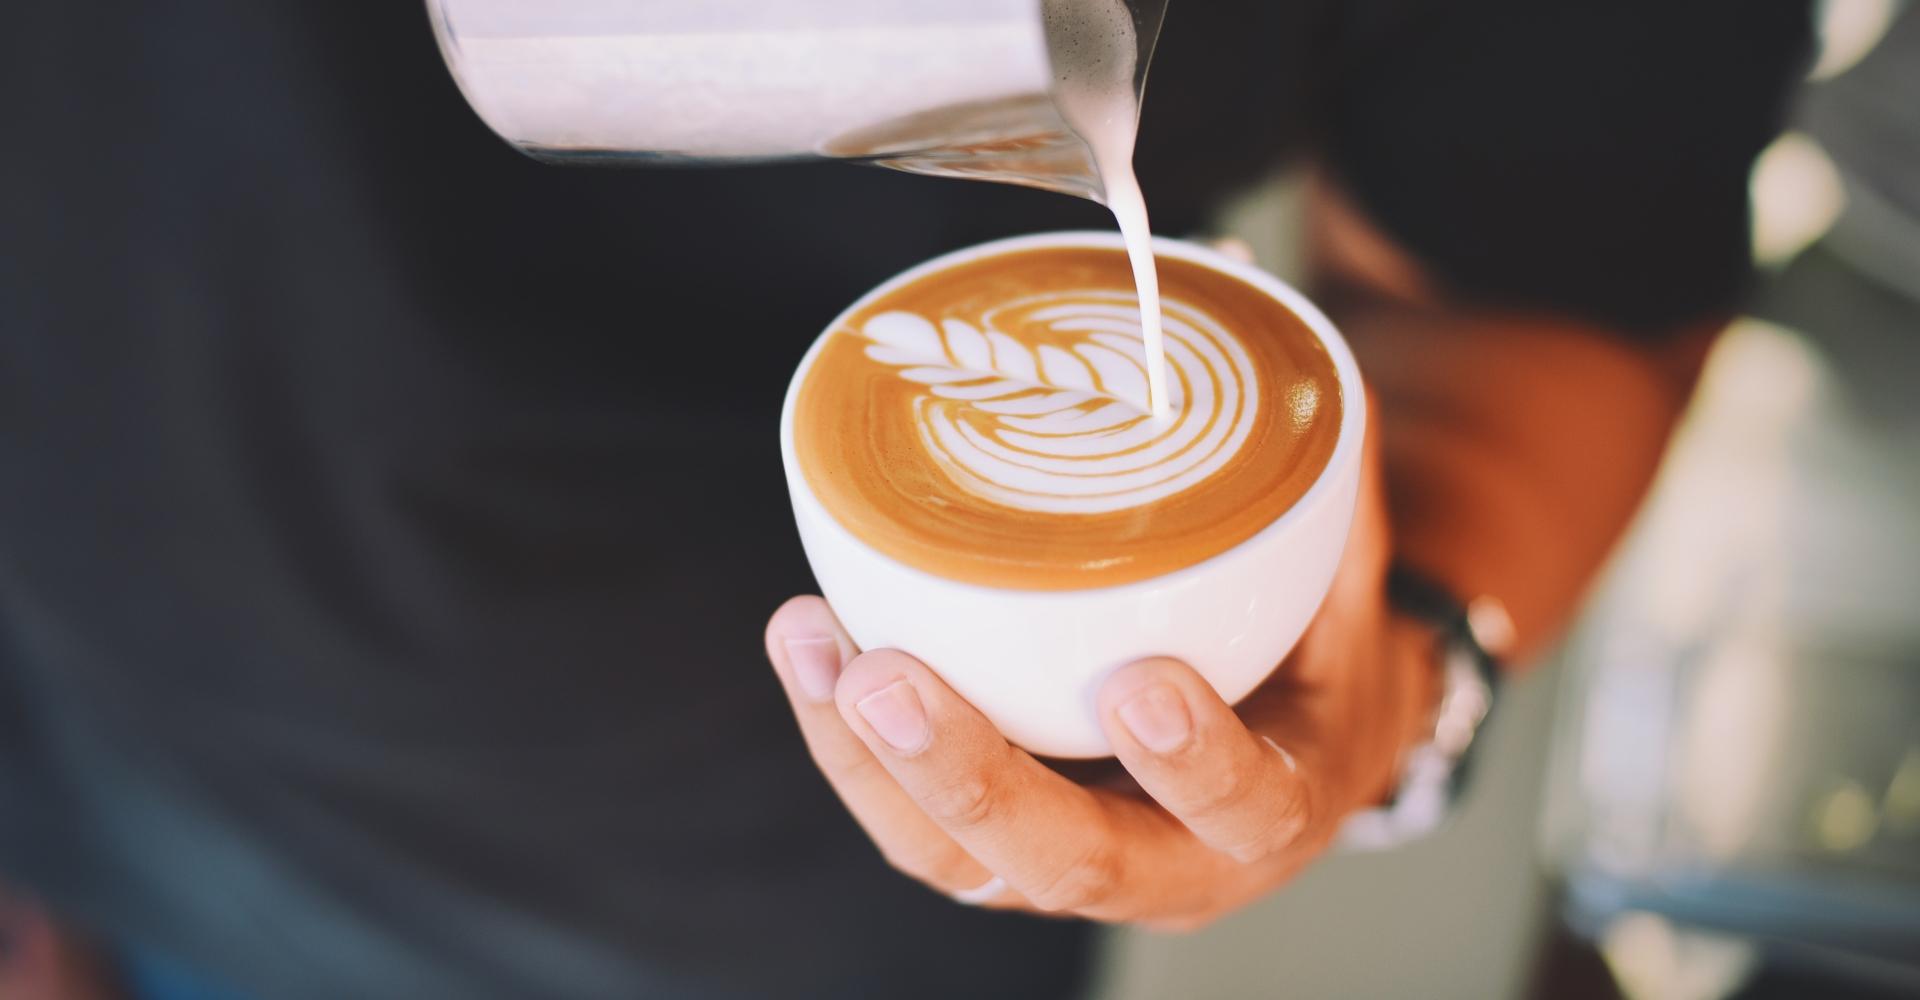 cappuccino-met-golden-brasil-latte-art